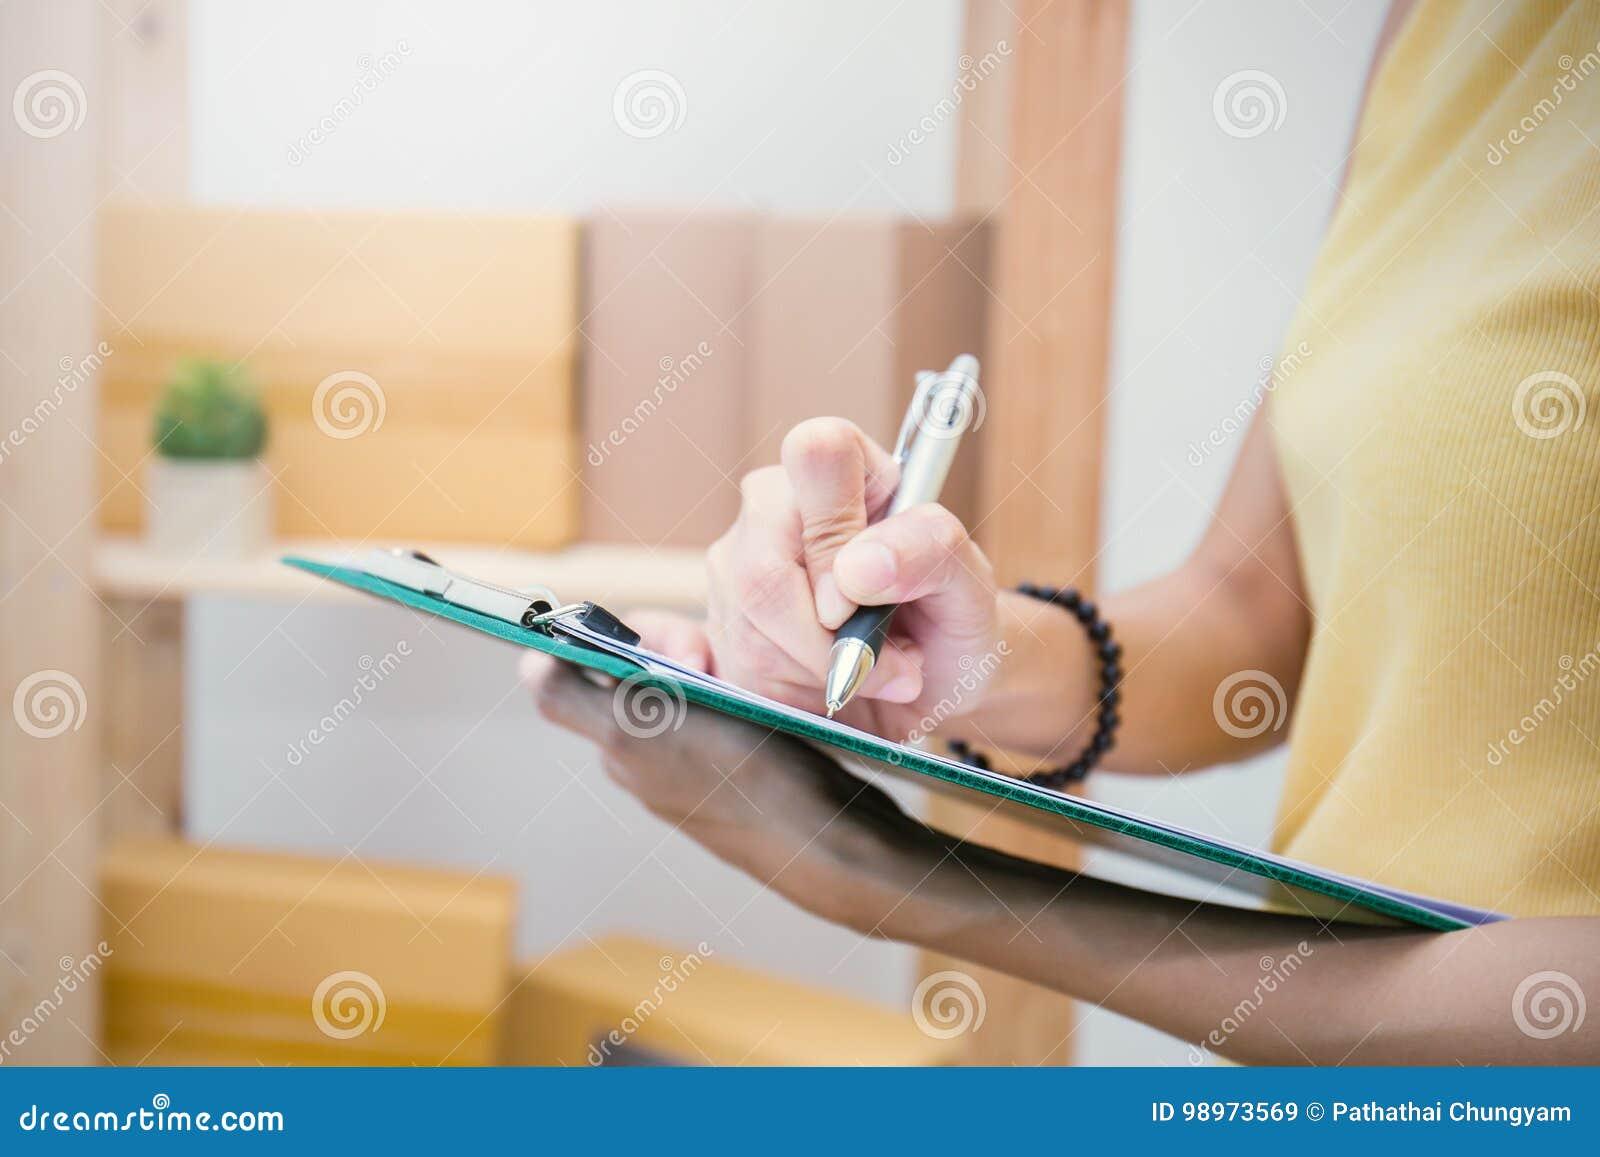 Scatola d imballaggio di vendita online e consegna, concetto della PMI